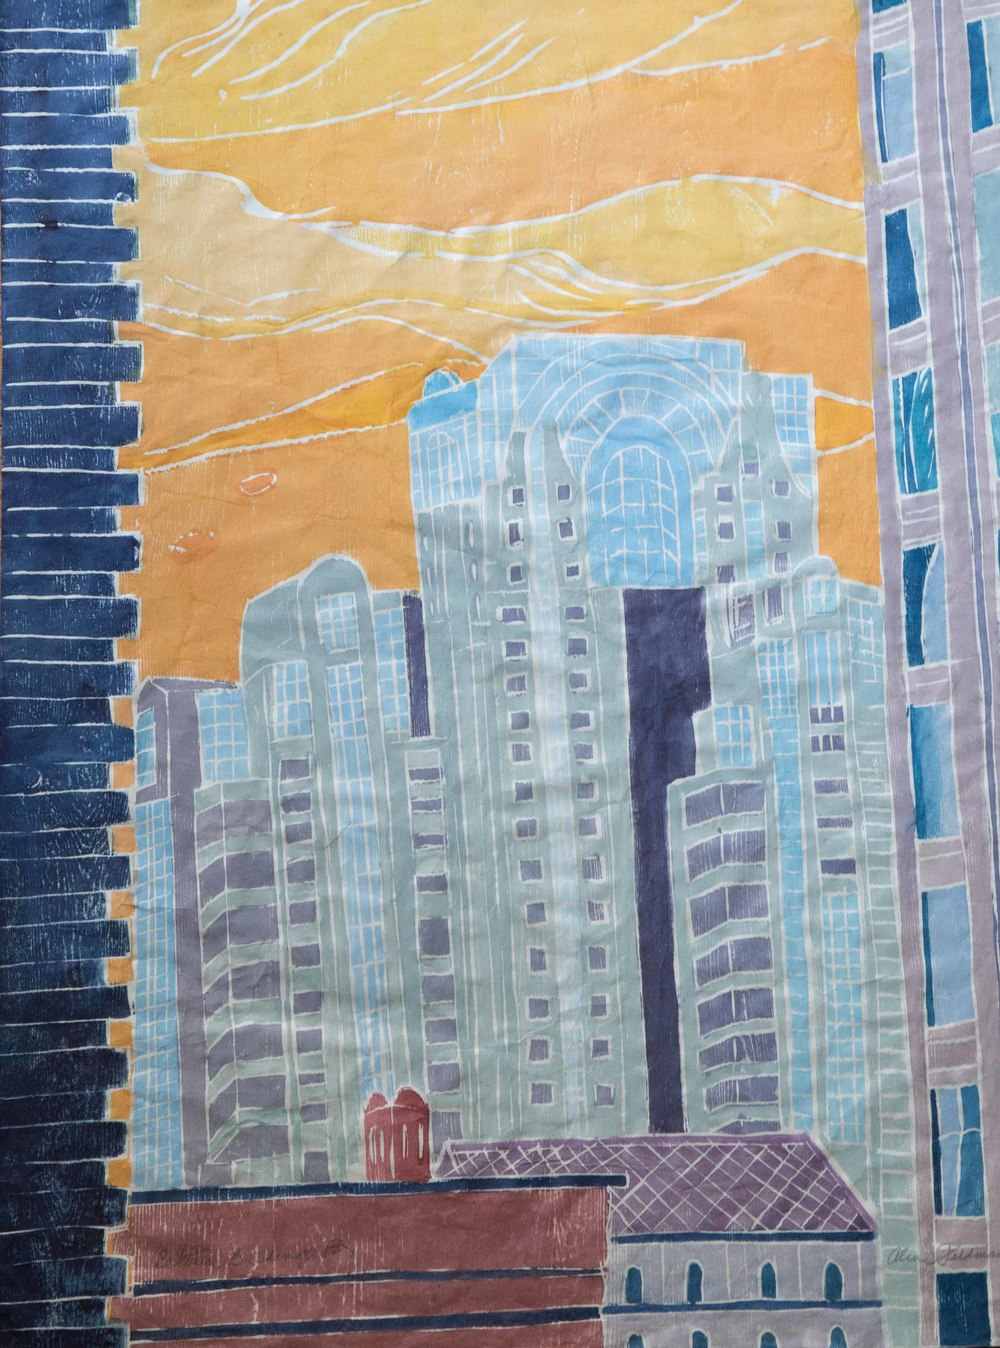 Between Buildings 2, Wood Cut on Paper, 32 x 24